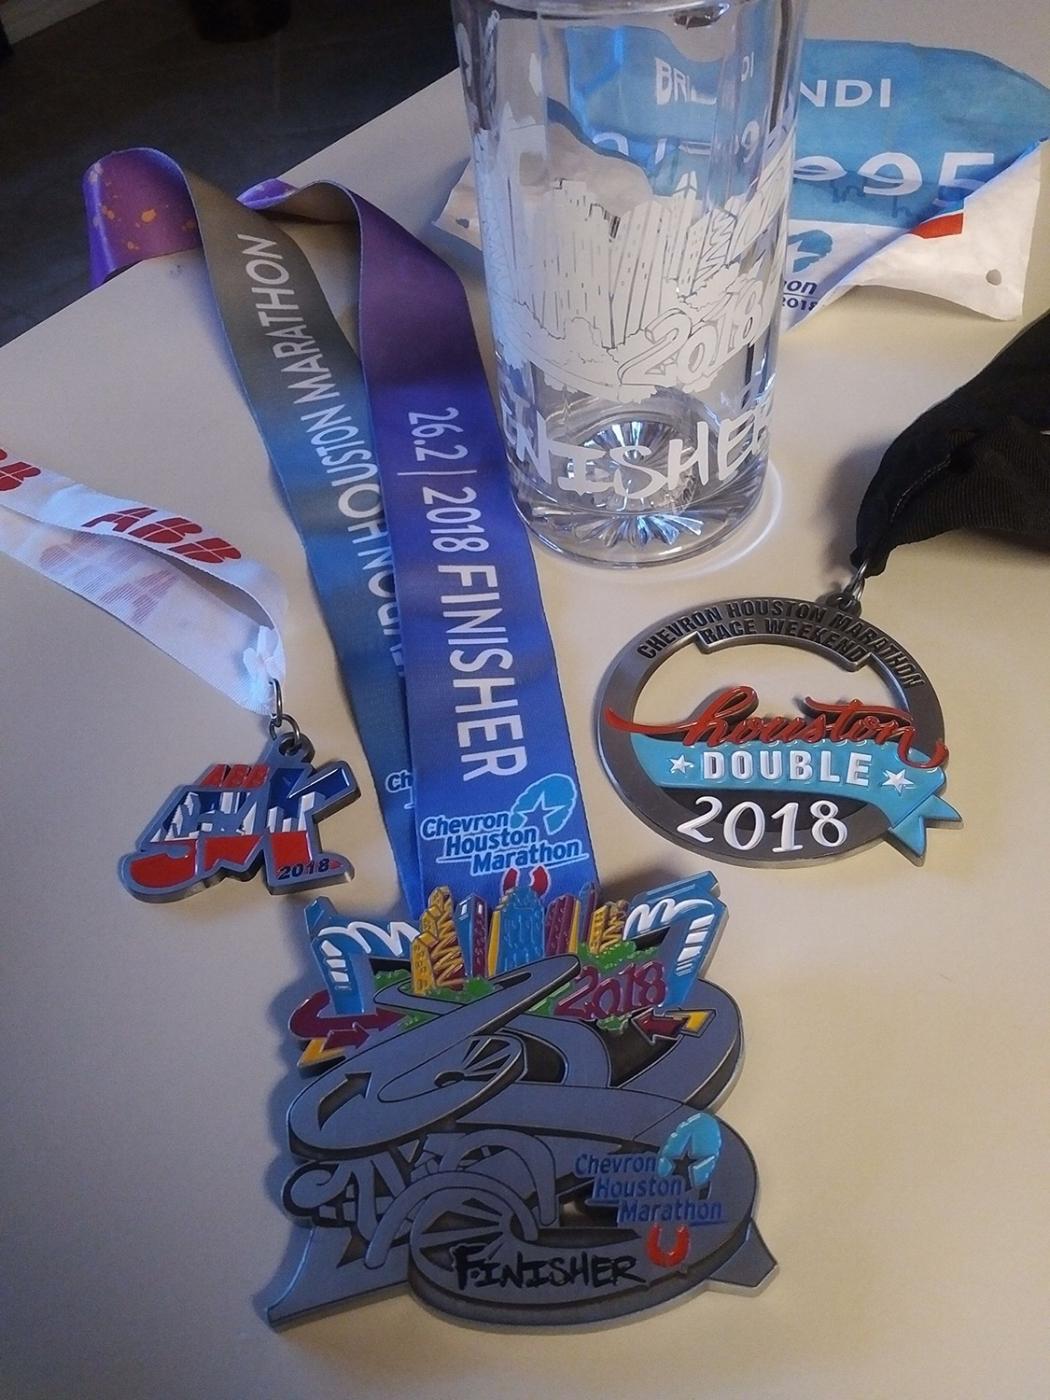 ABB 5K medal, Marathon medal, and Houston Double medal for running them both.